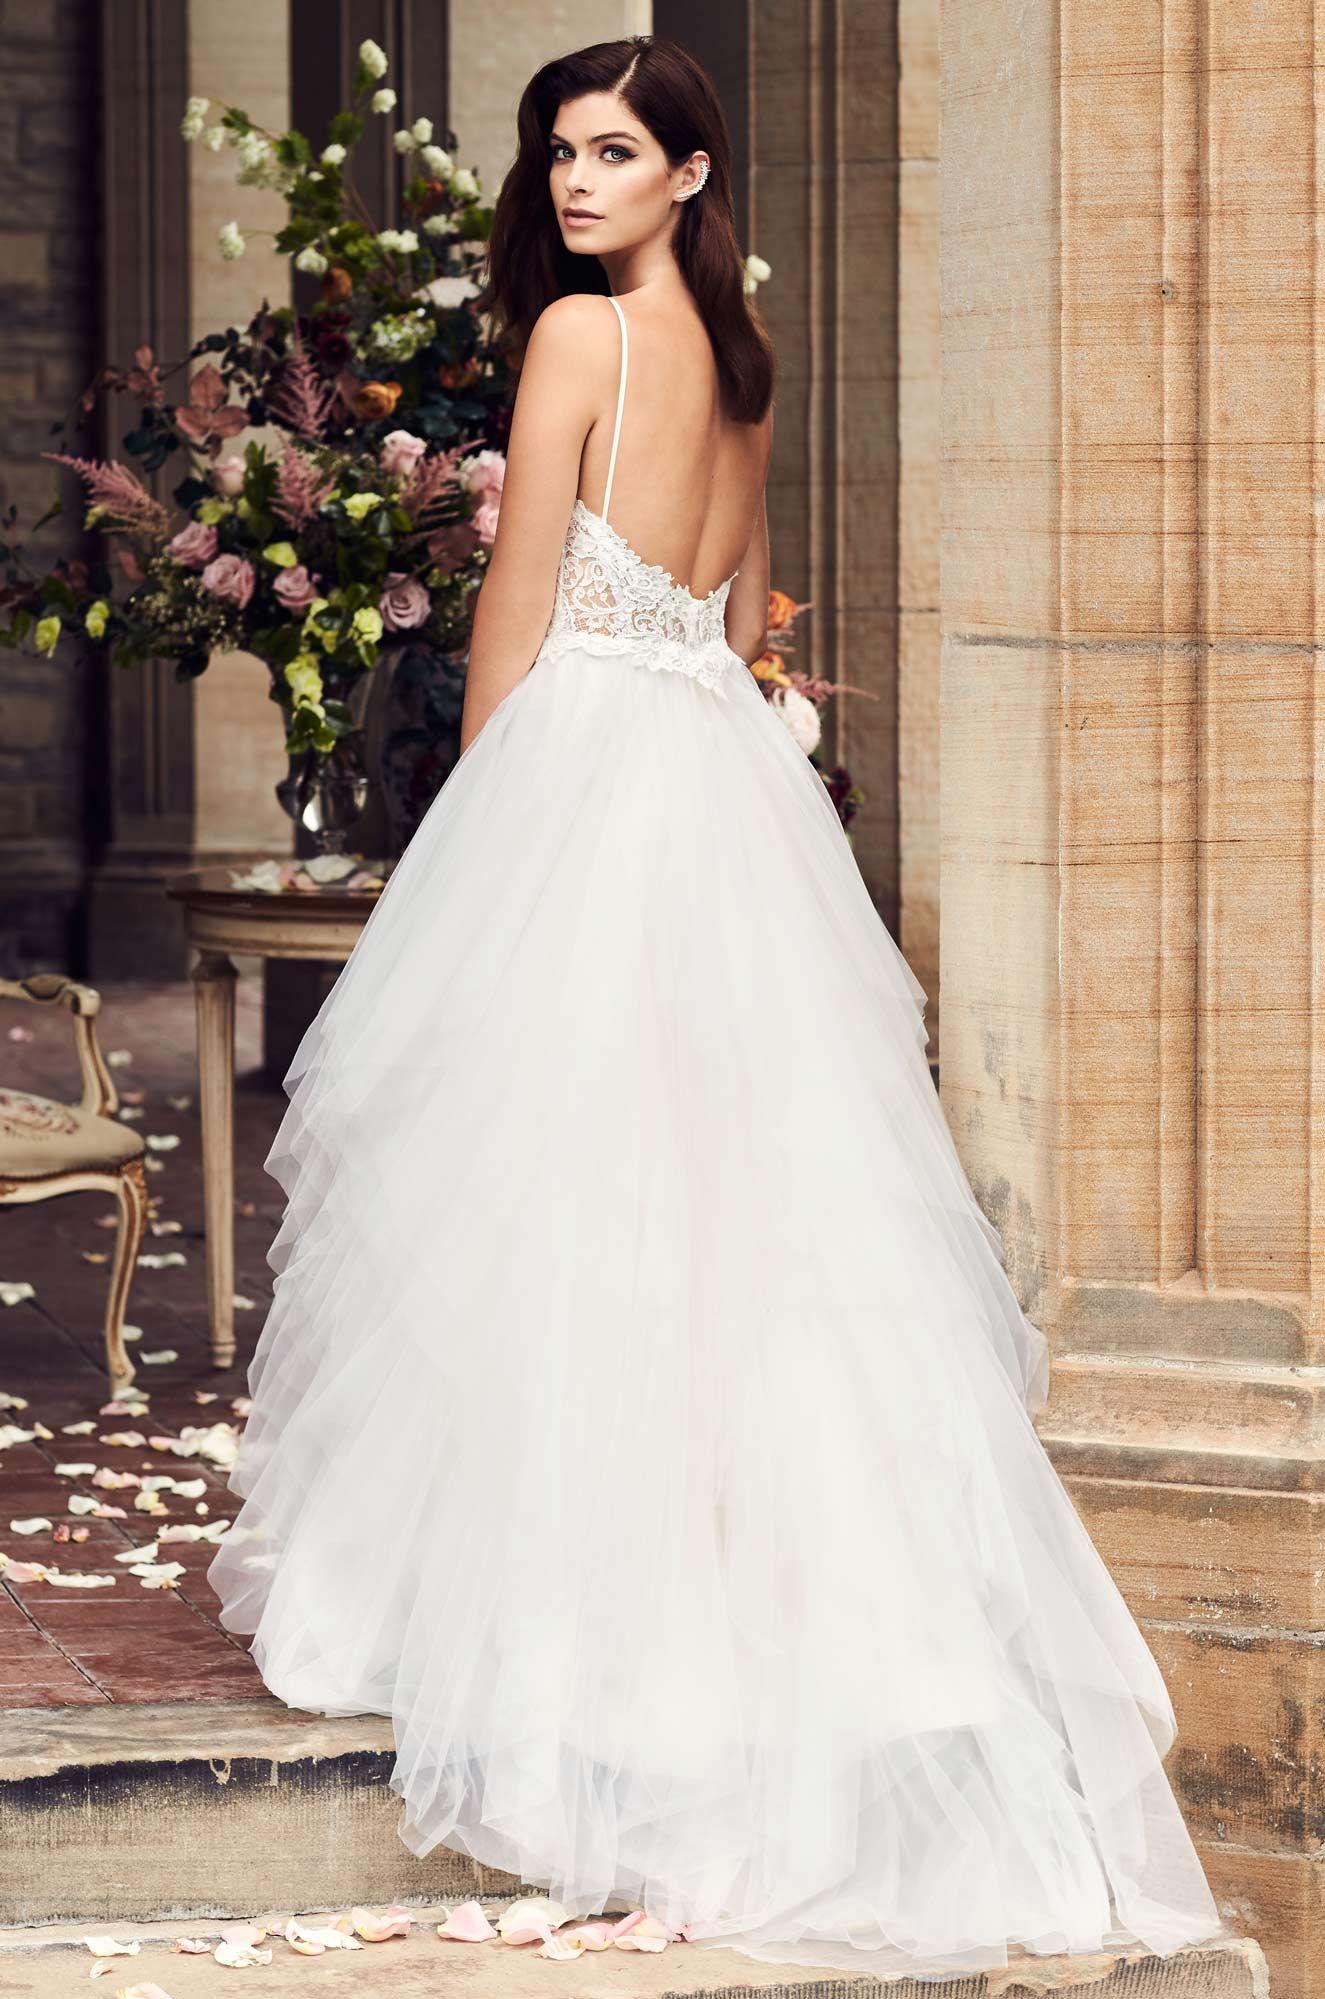 Amazing Ruffled Tulle Skirt Wedding Dress Style